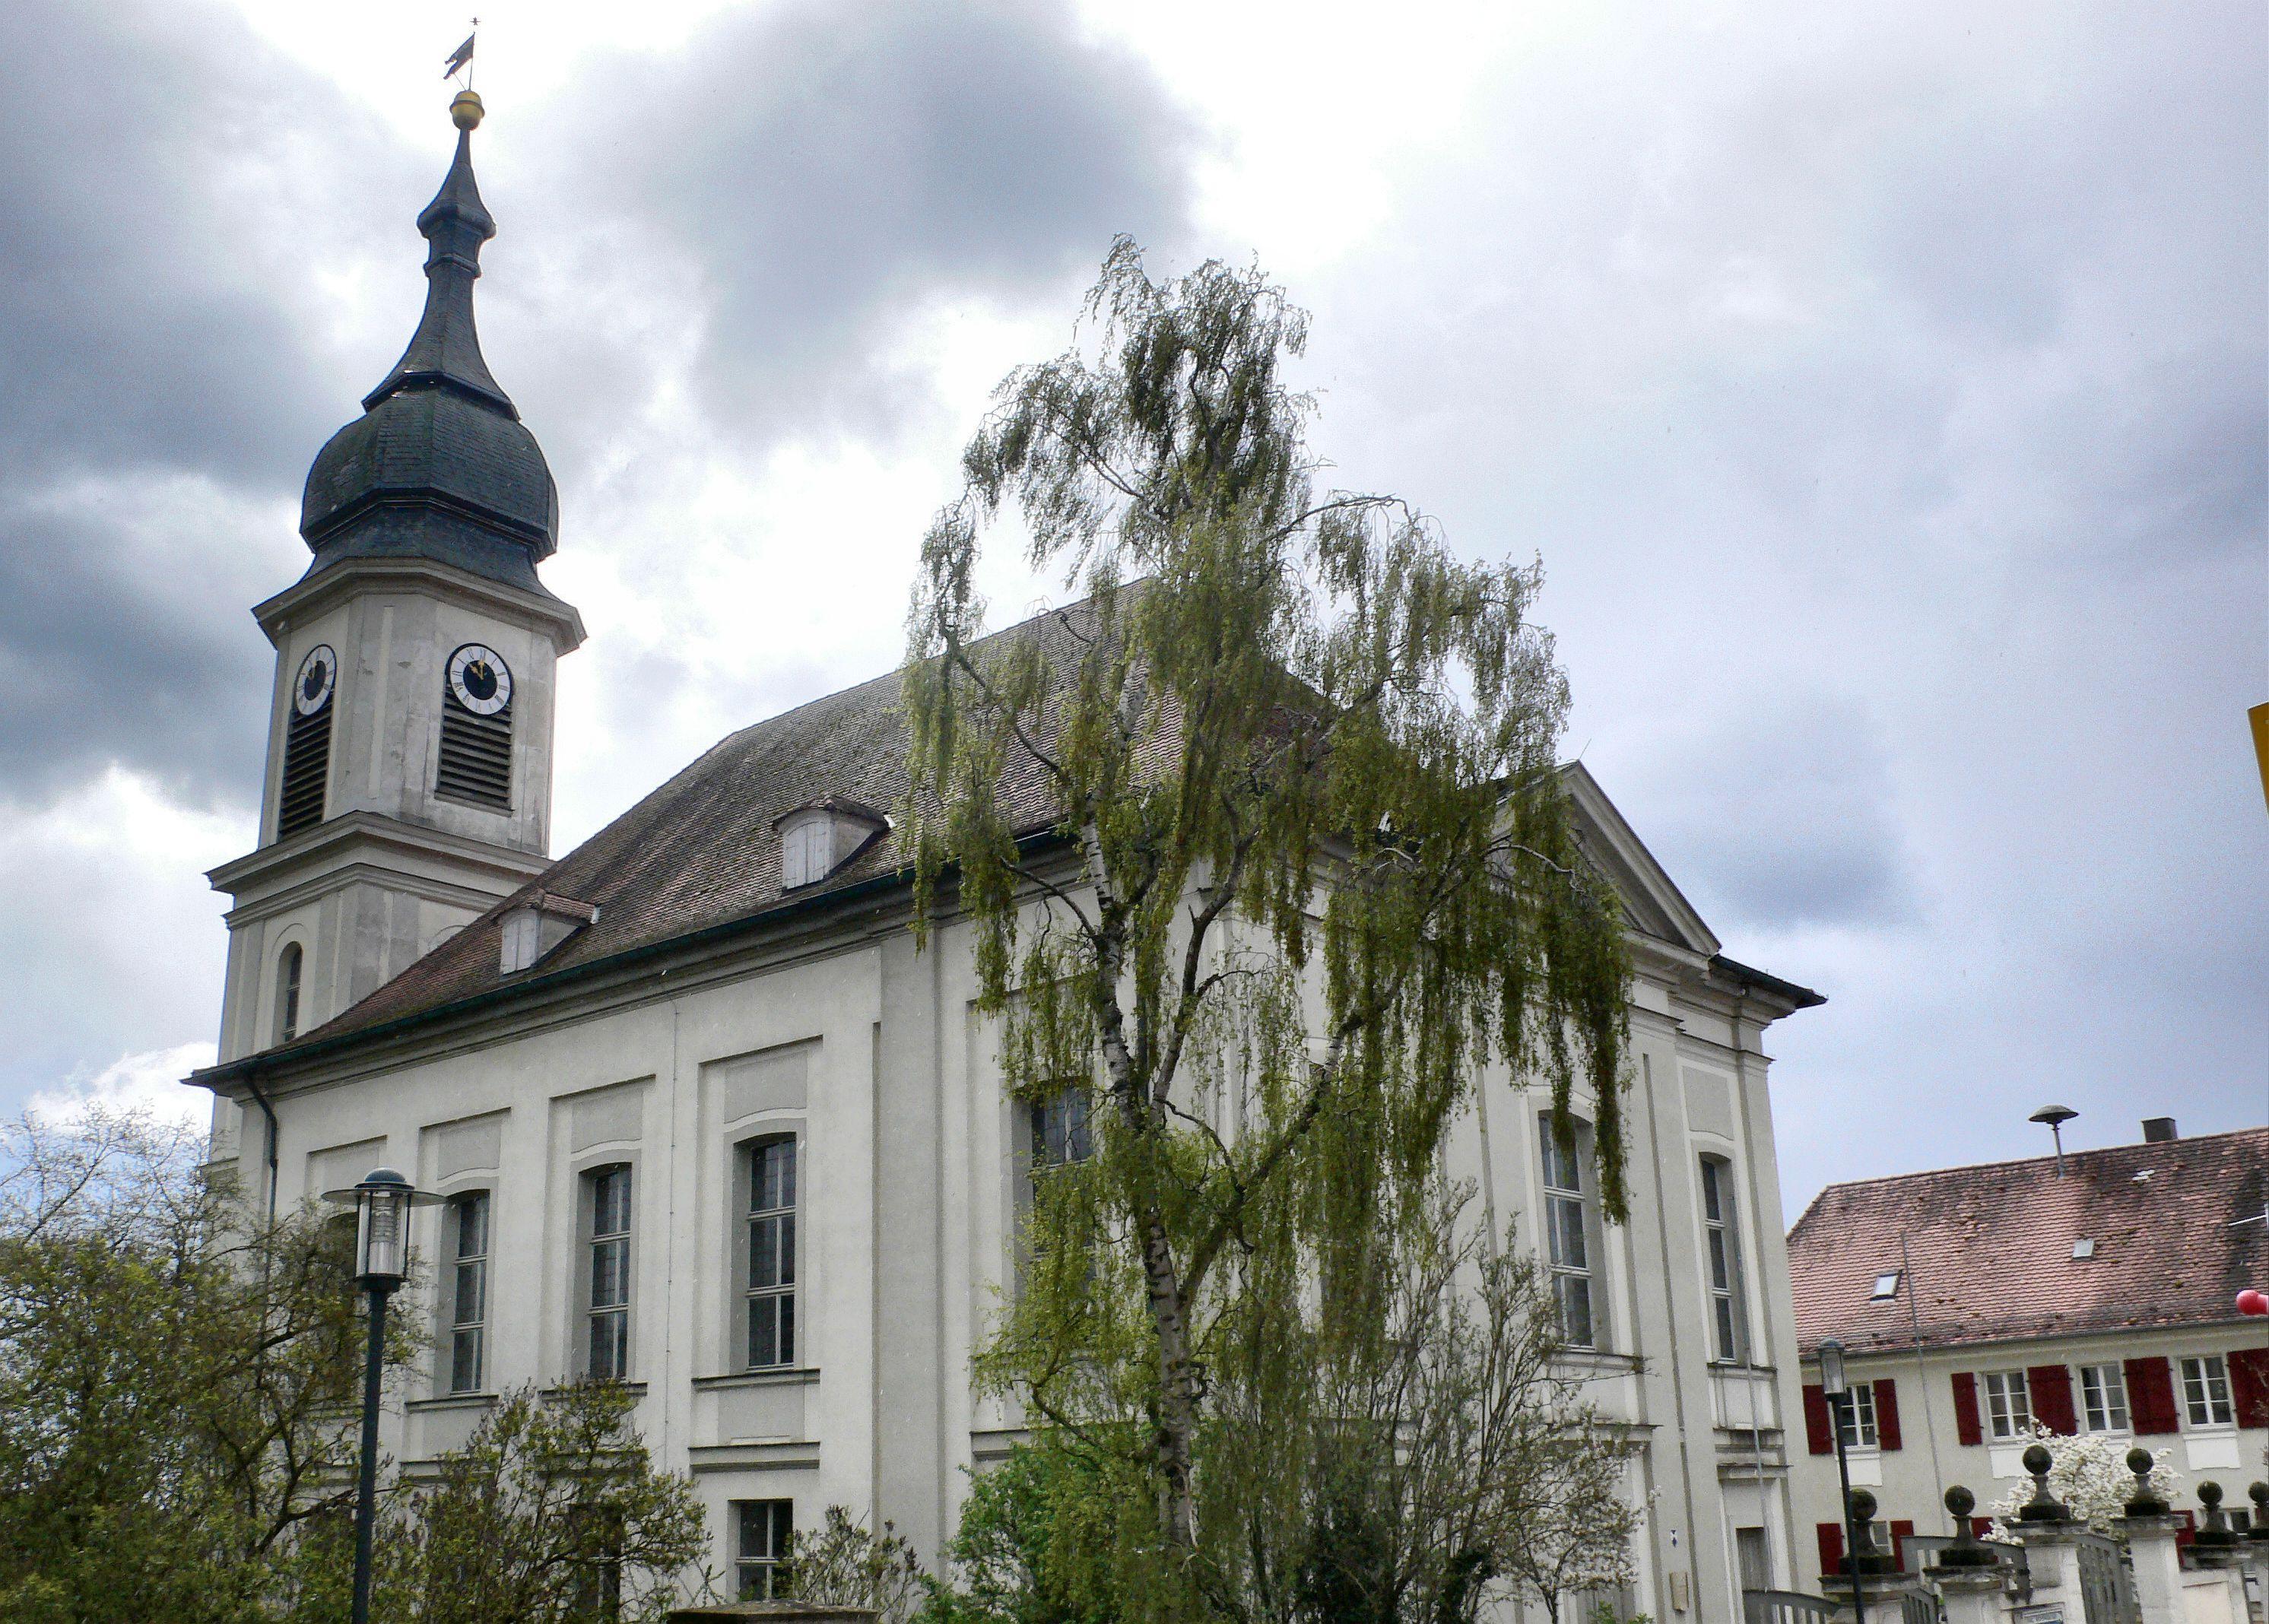 Ansbacher Markgrafen| Markgrafen von Ansbach - Hof und Pfarrkirche Weidenbach